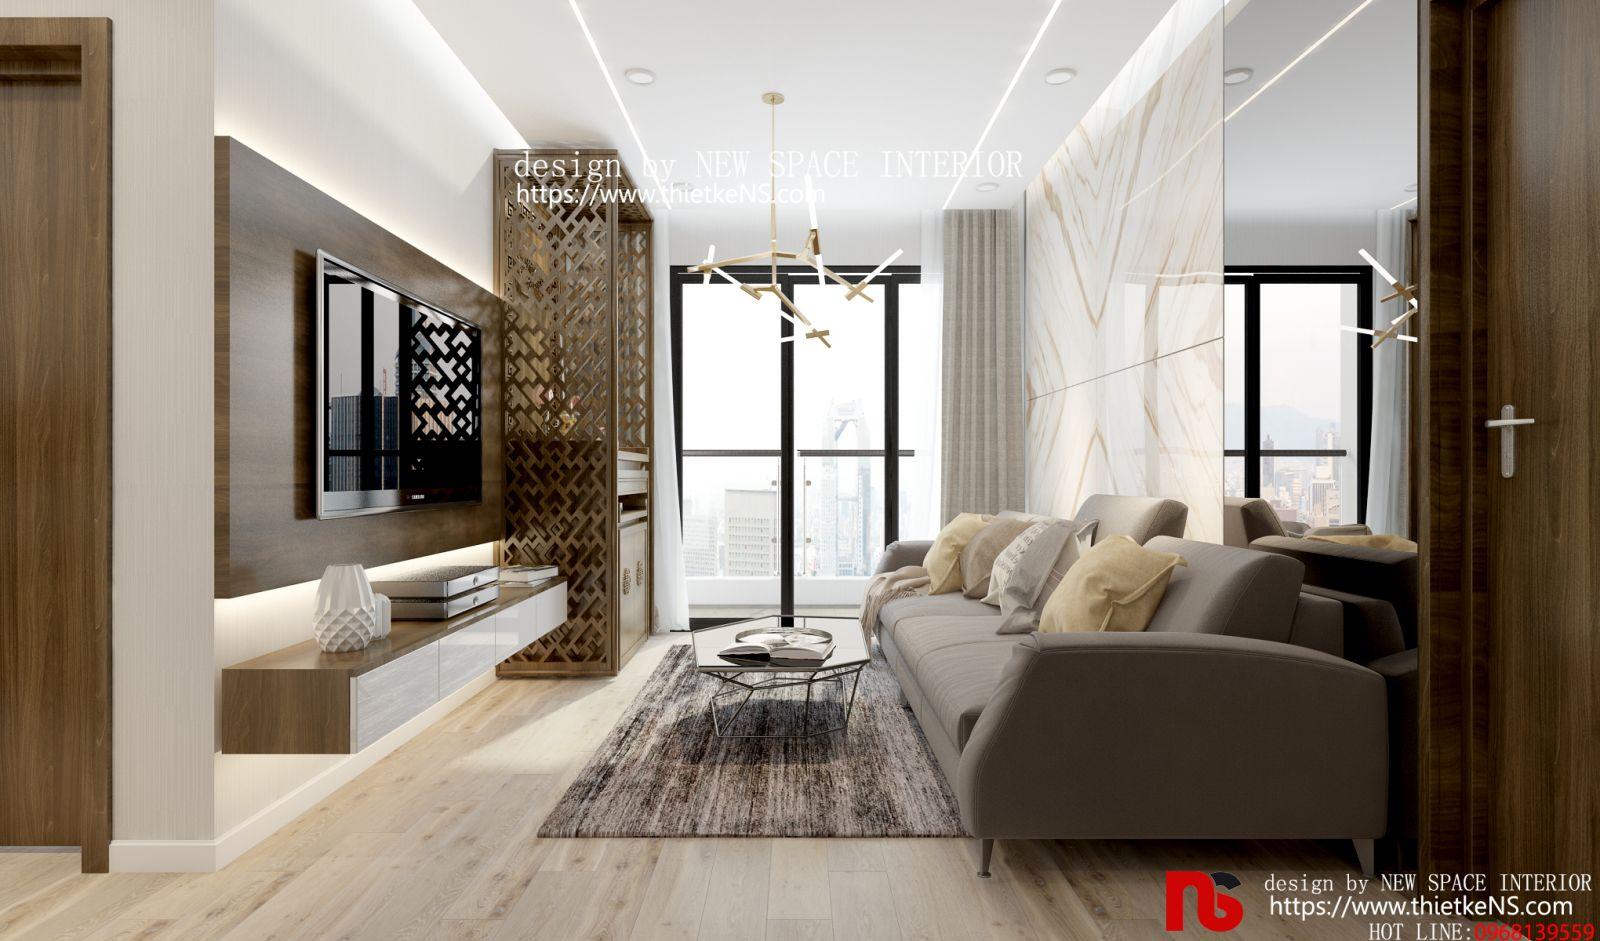 Thiết kế nội thất chung cư phòng khách đẹp sang trọng